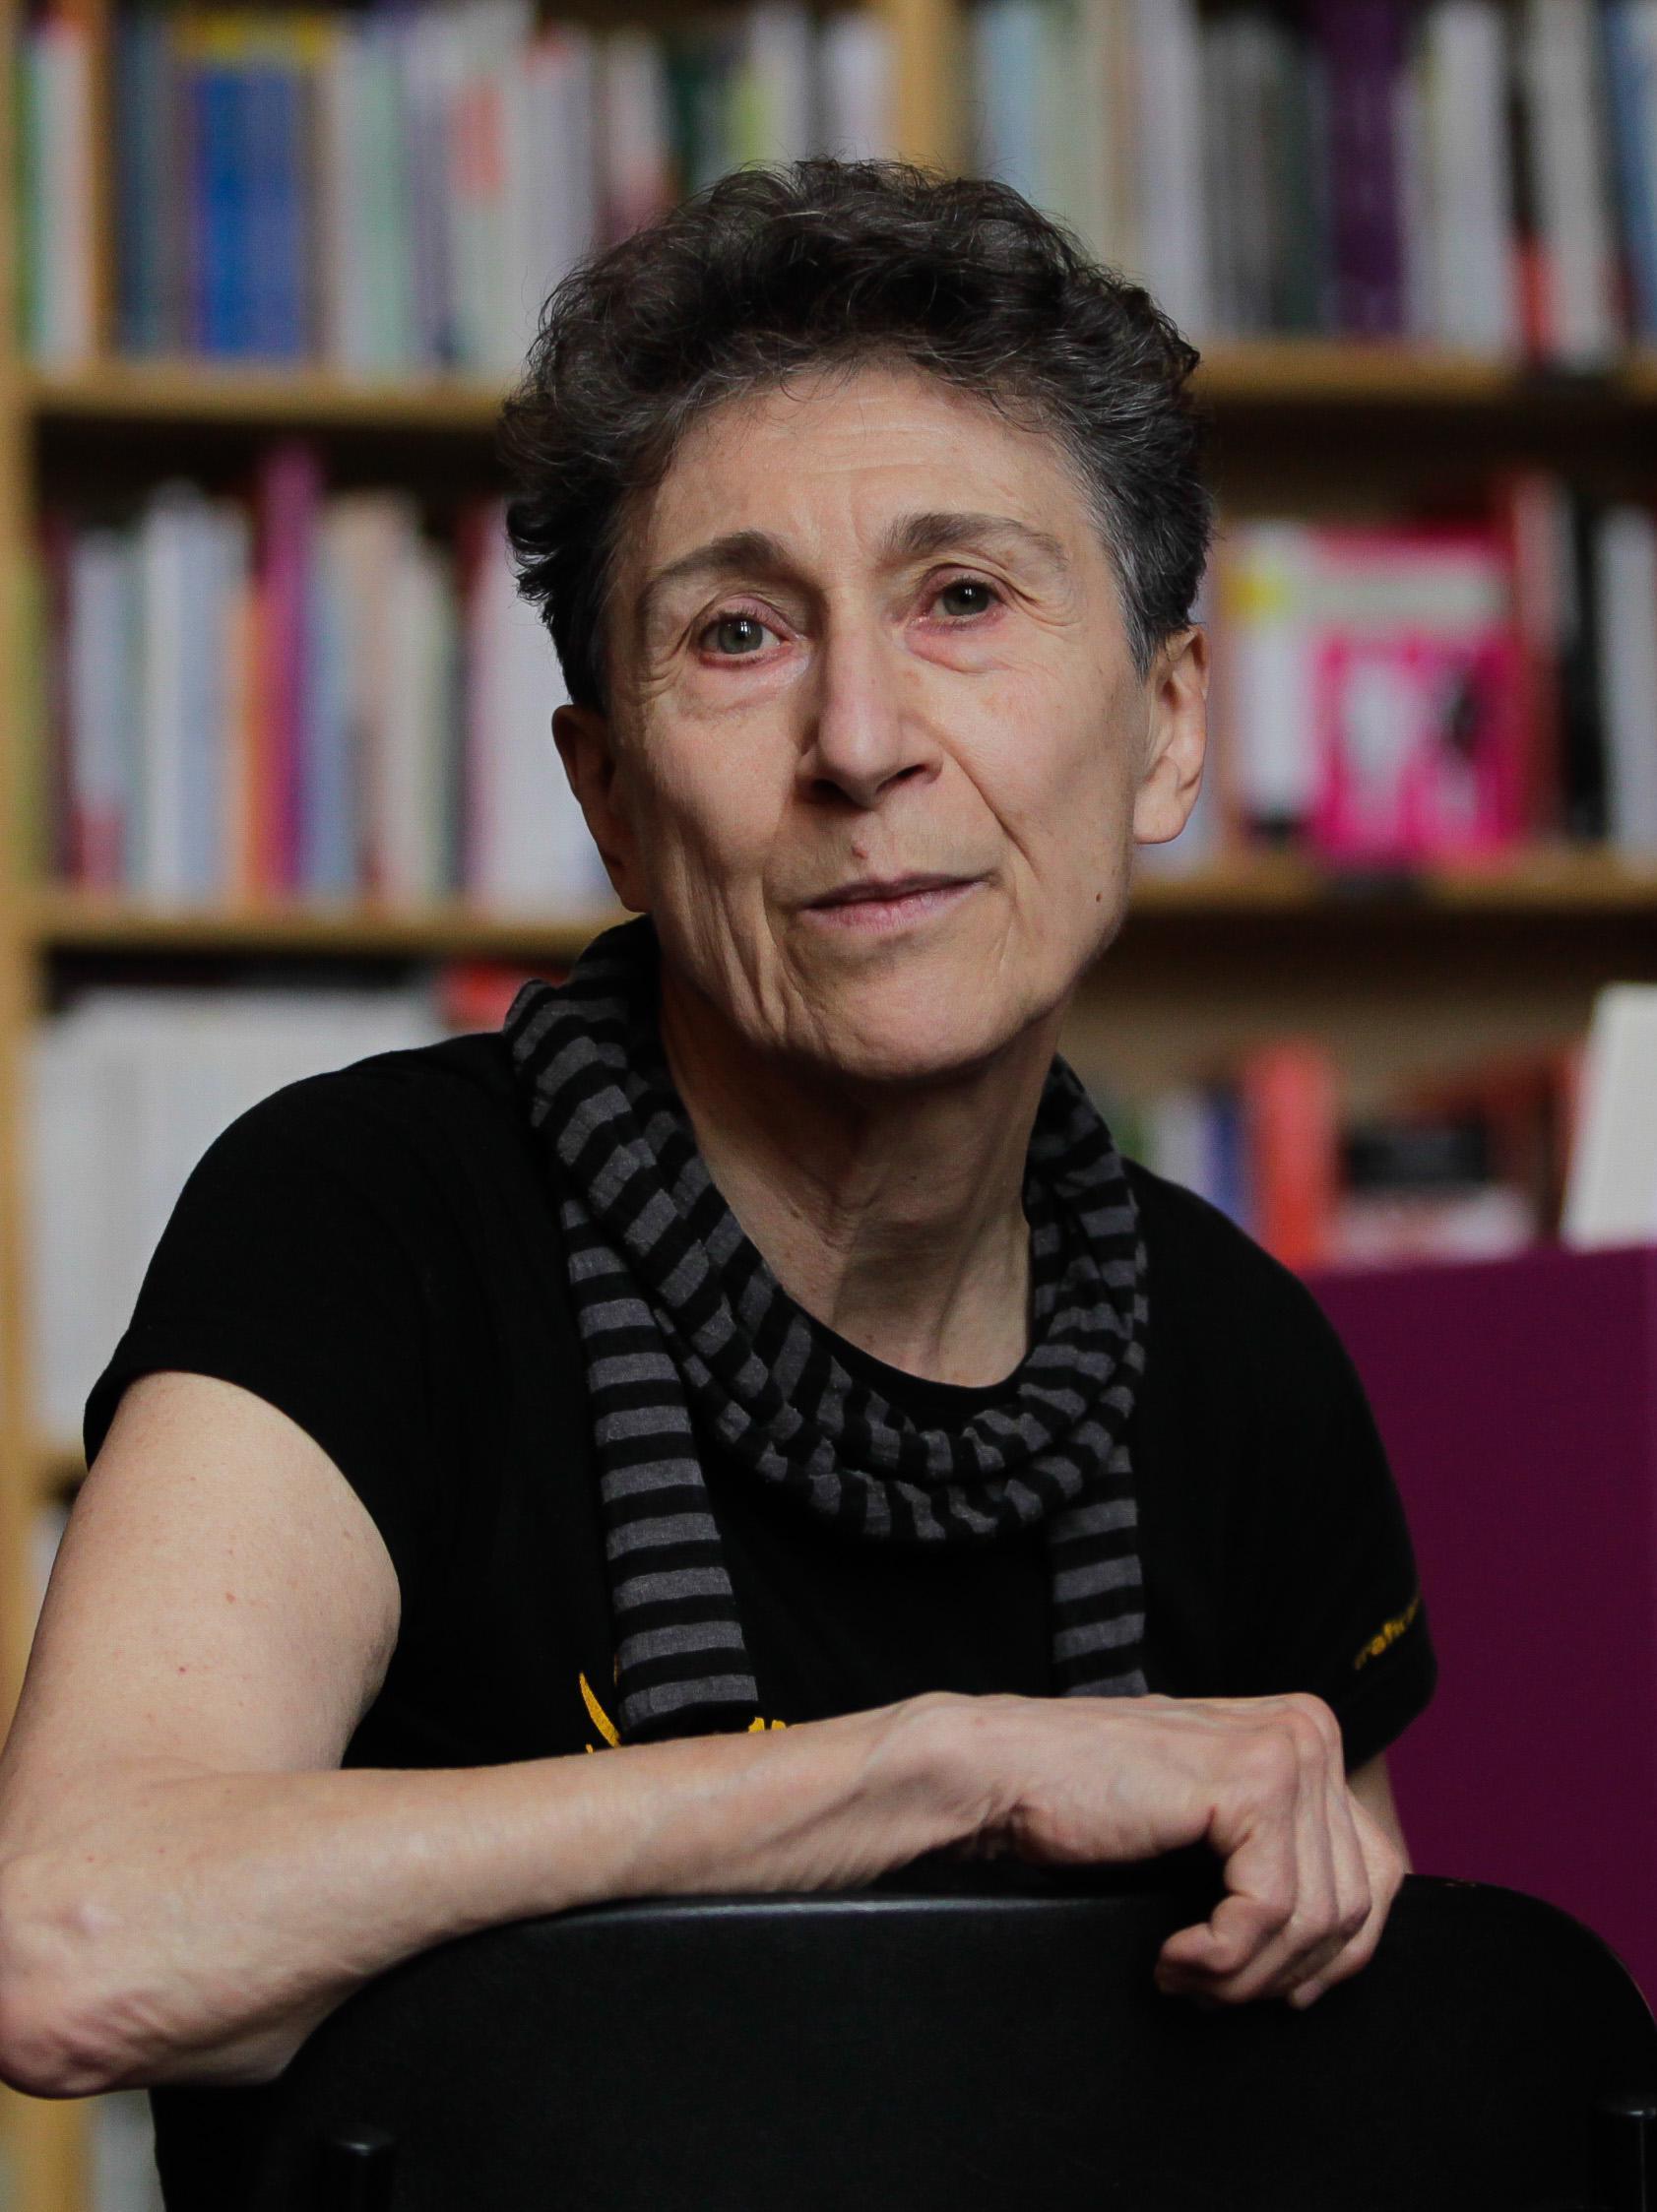 La_escritora_y_activista_feminista_Silvia_Federici_(cropped)